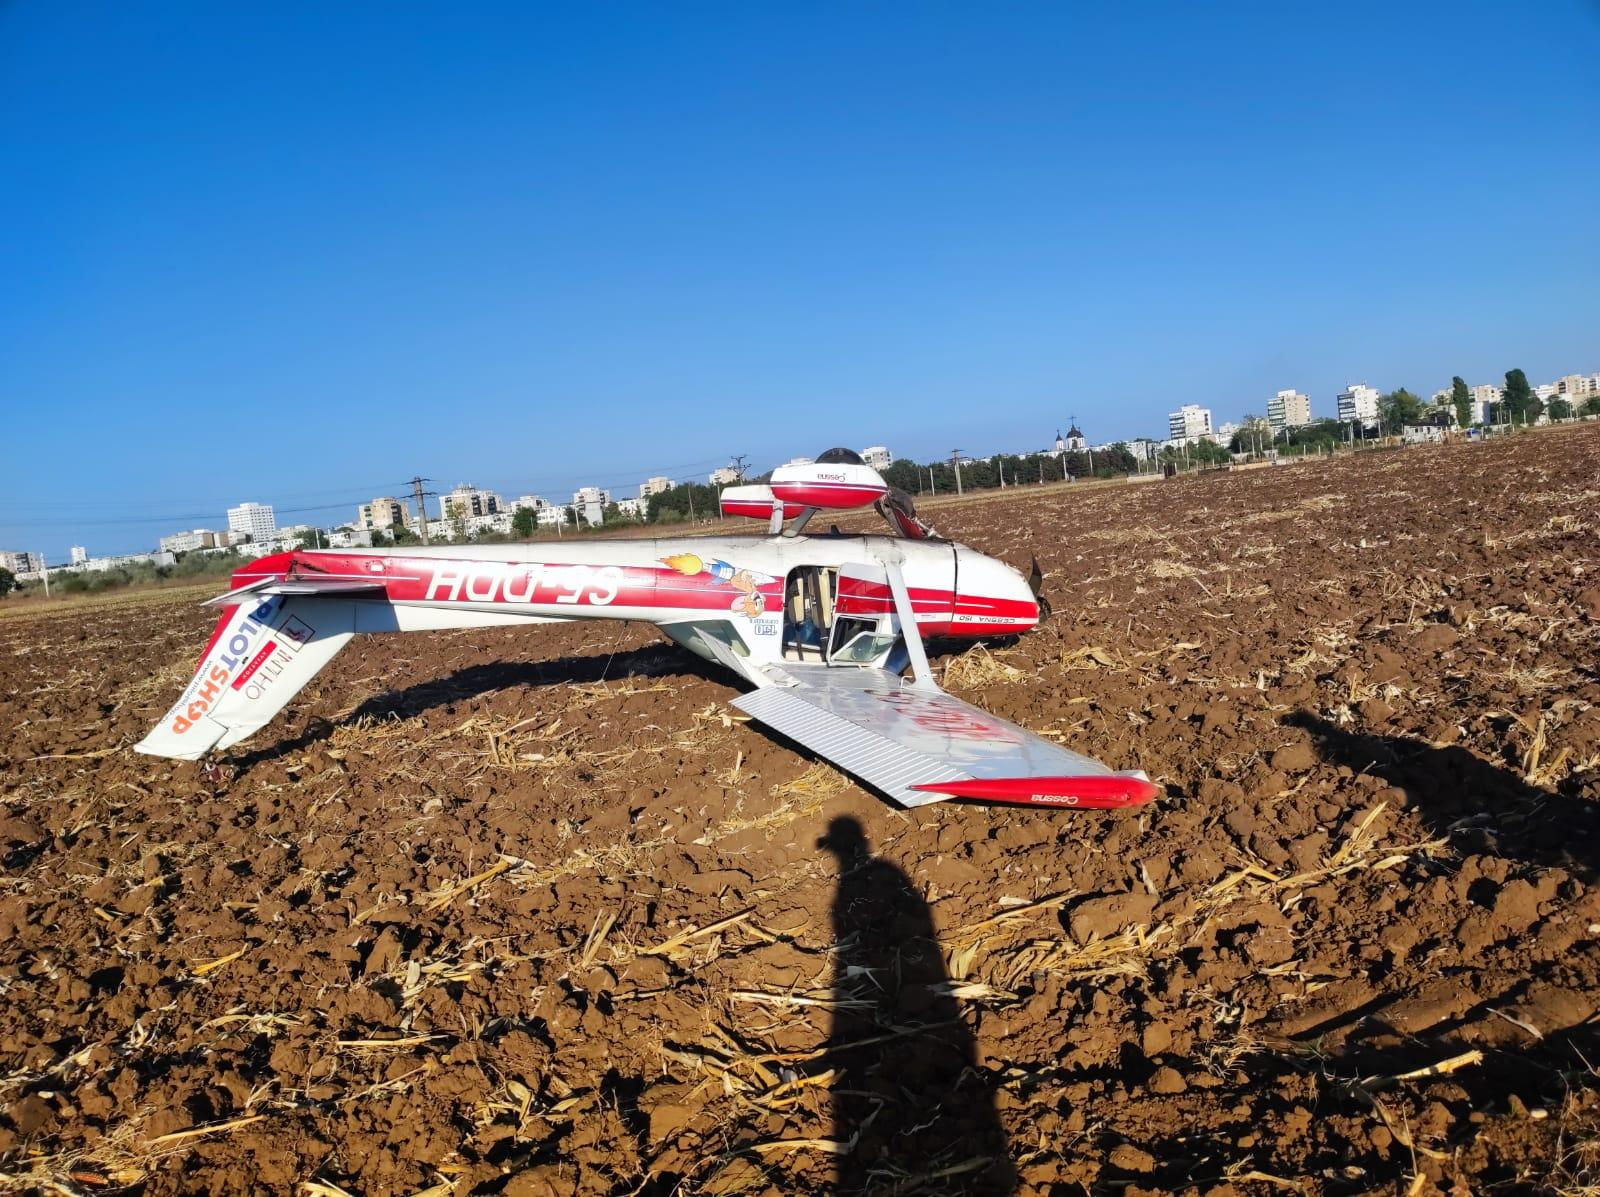 Anchetă a Parchetului de pe lângă Curtea de Apel Ploieşti în cazul avionului aterizat forţat pe un câmp